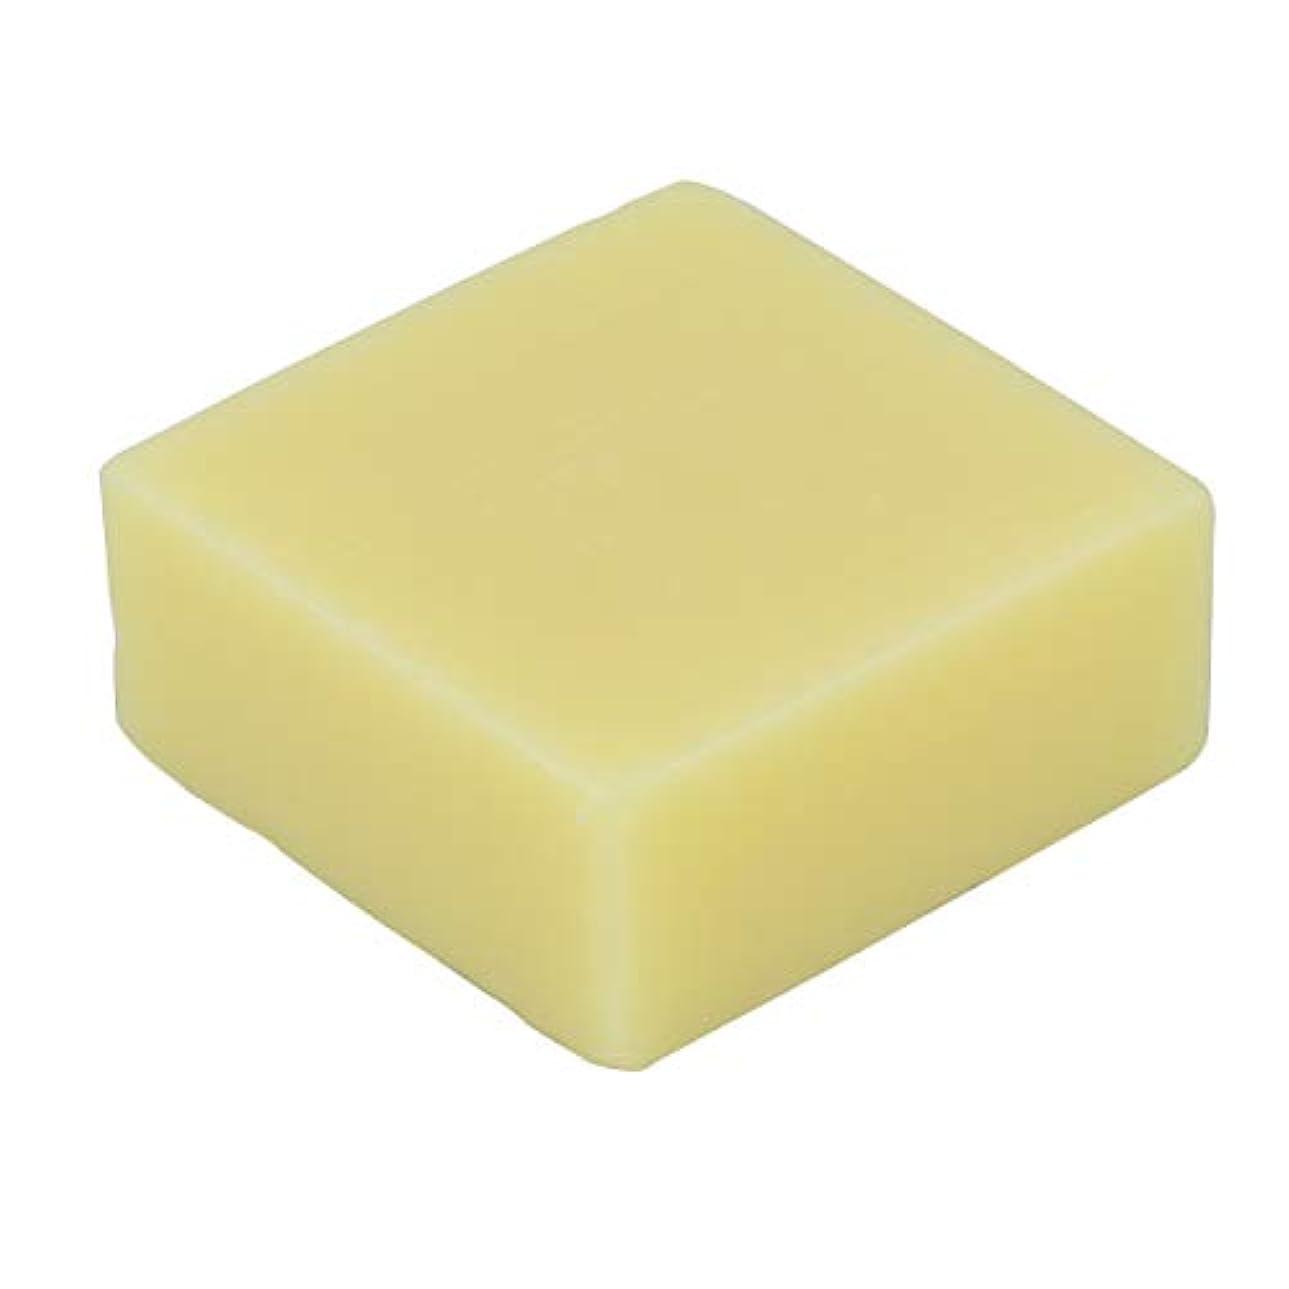 起こるロースト記述するLurrose お風呂用洗顔石鹸バー手作りエッセンシャルオイル石鹸人参石鹸